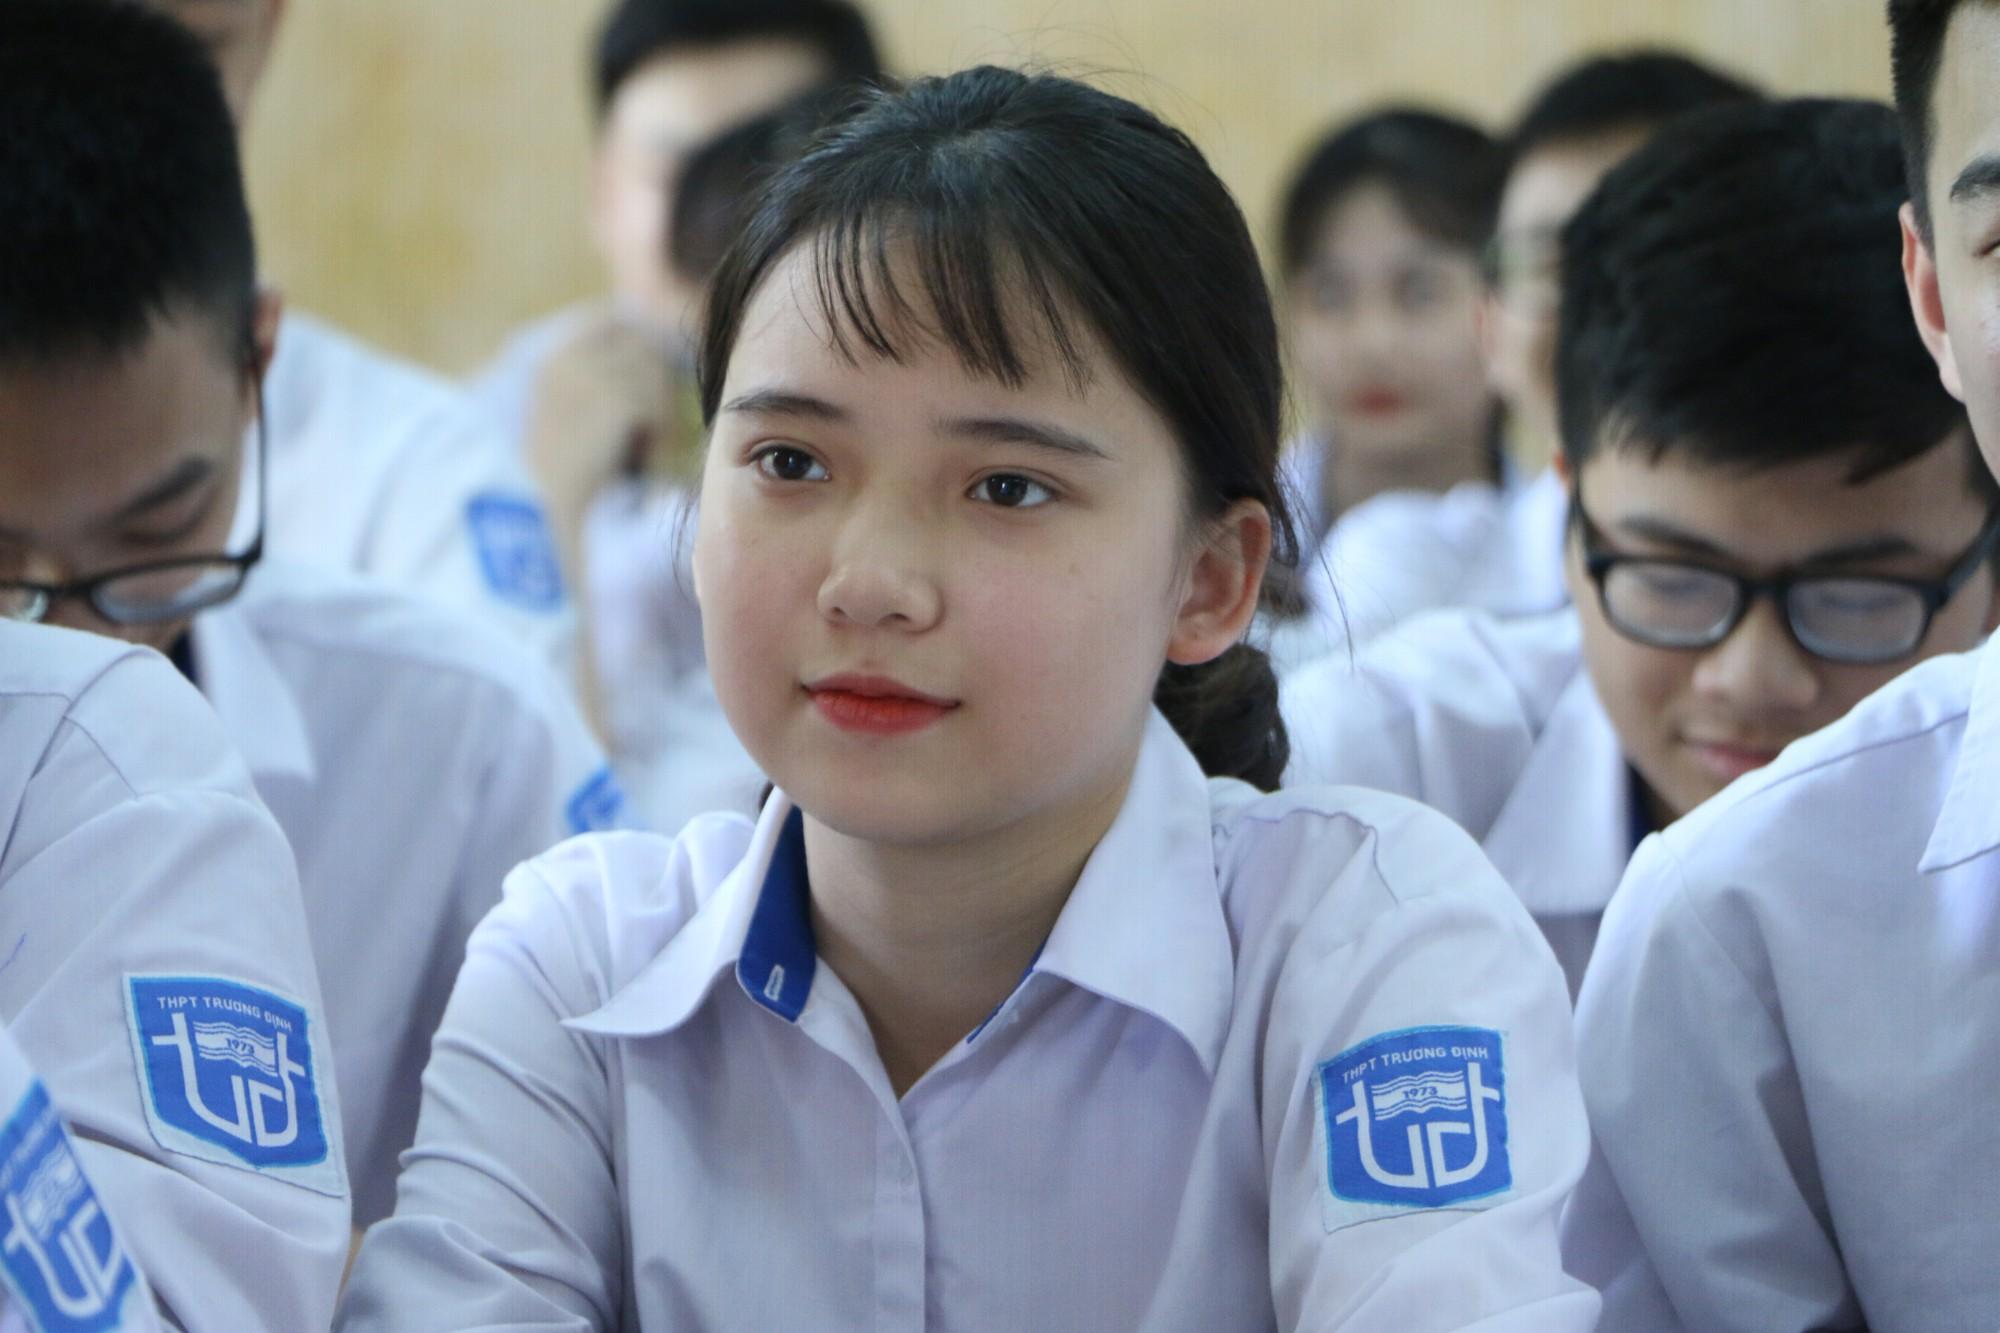 Hà Nội dự kiến tăng mức học phí với học sinh mầm non và THPT từ năm 2019 - Ảnh 1.